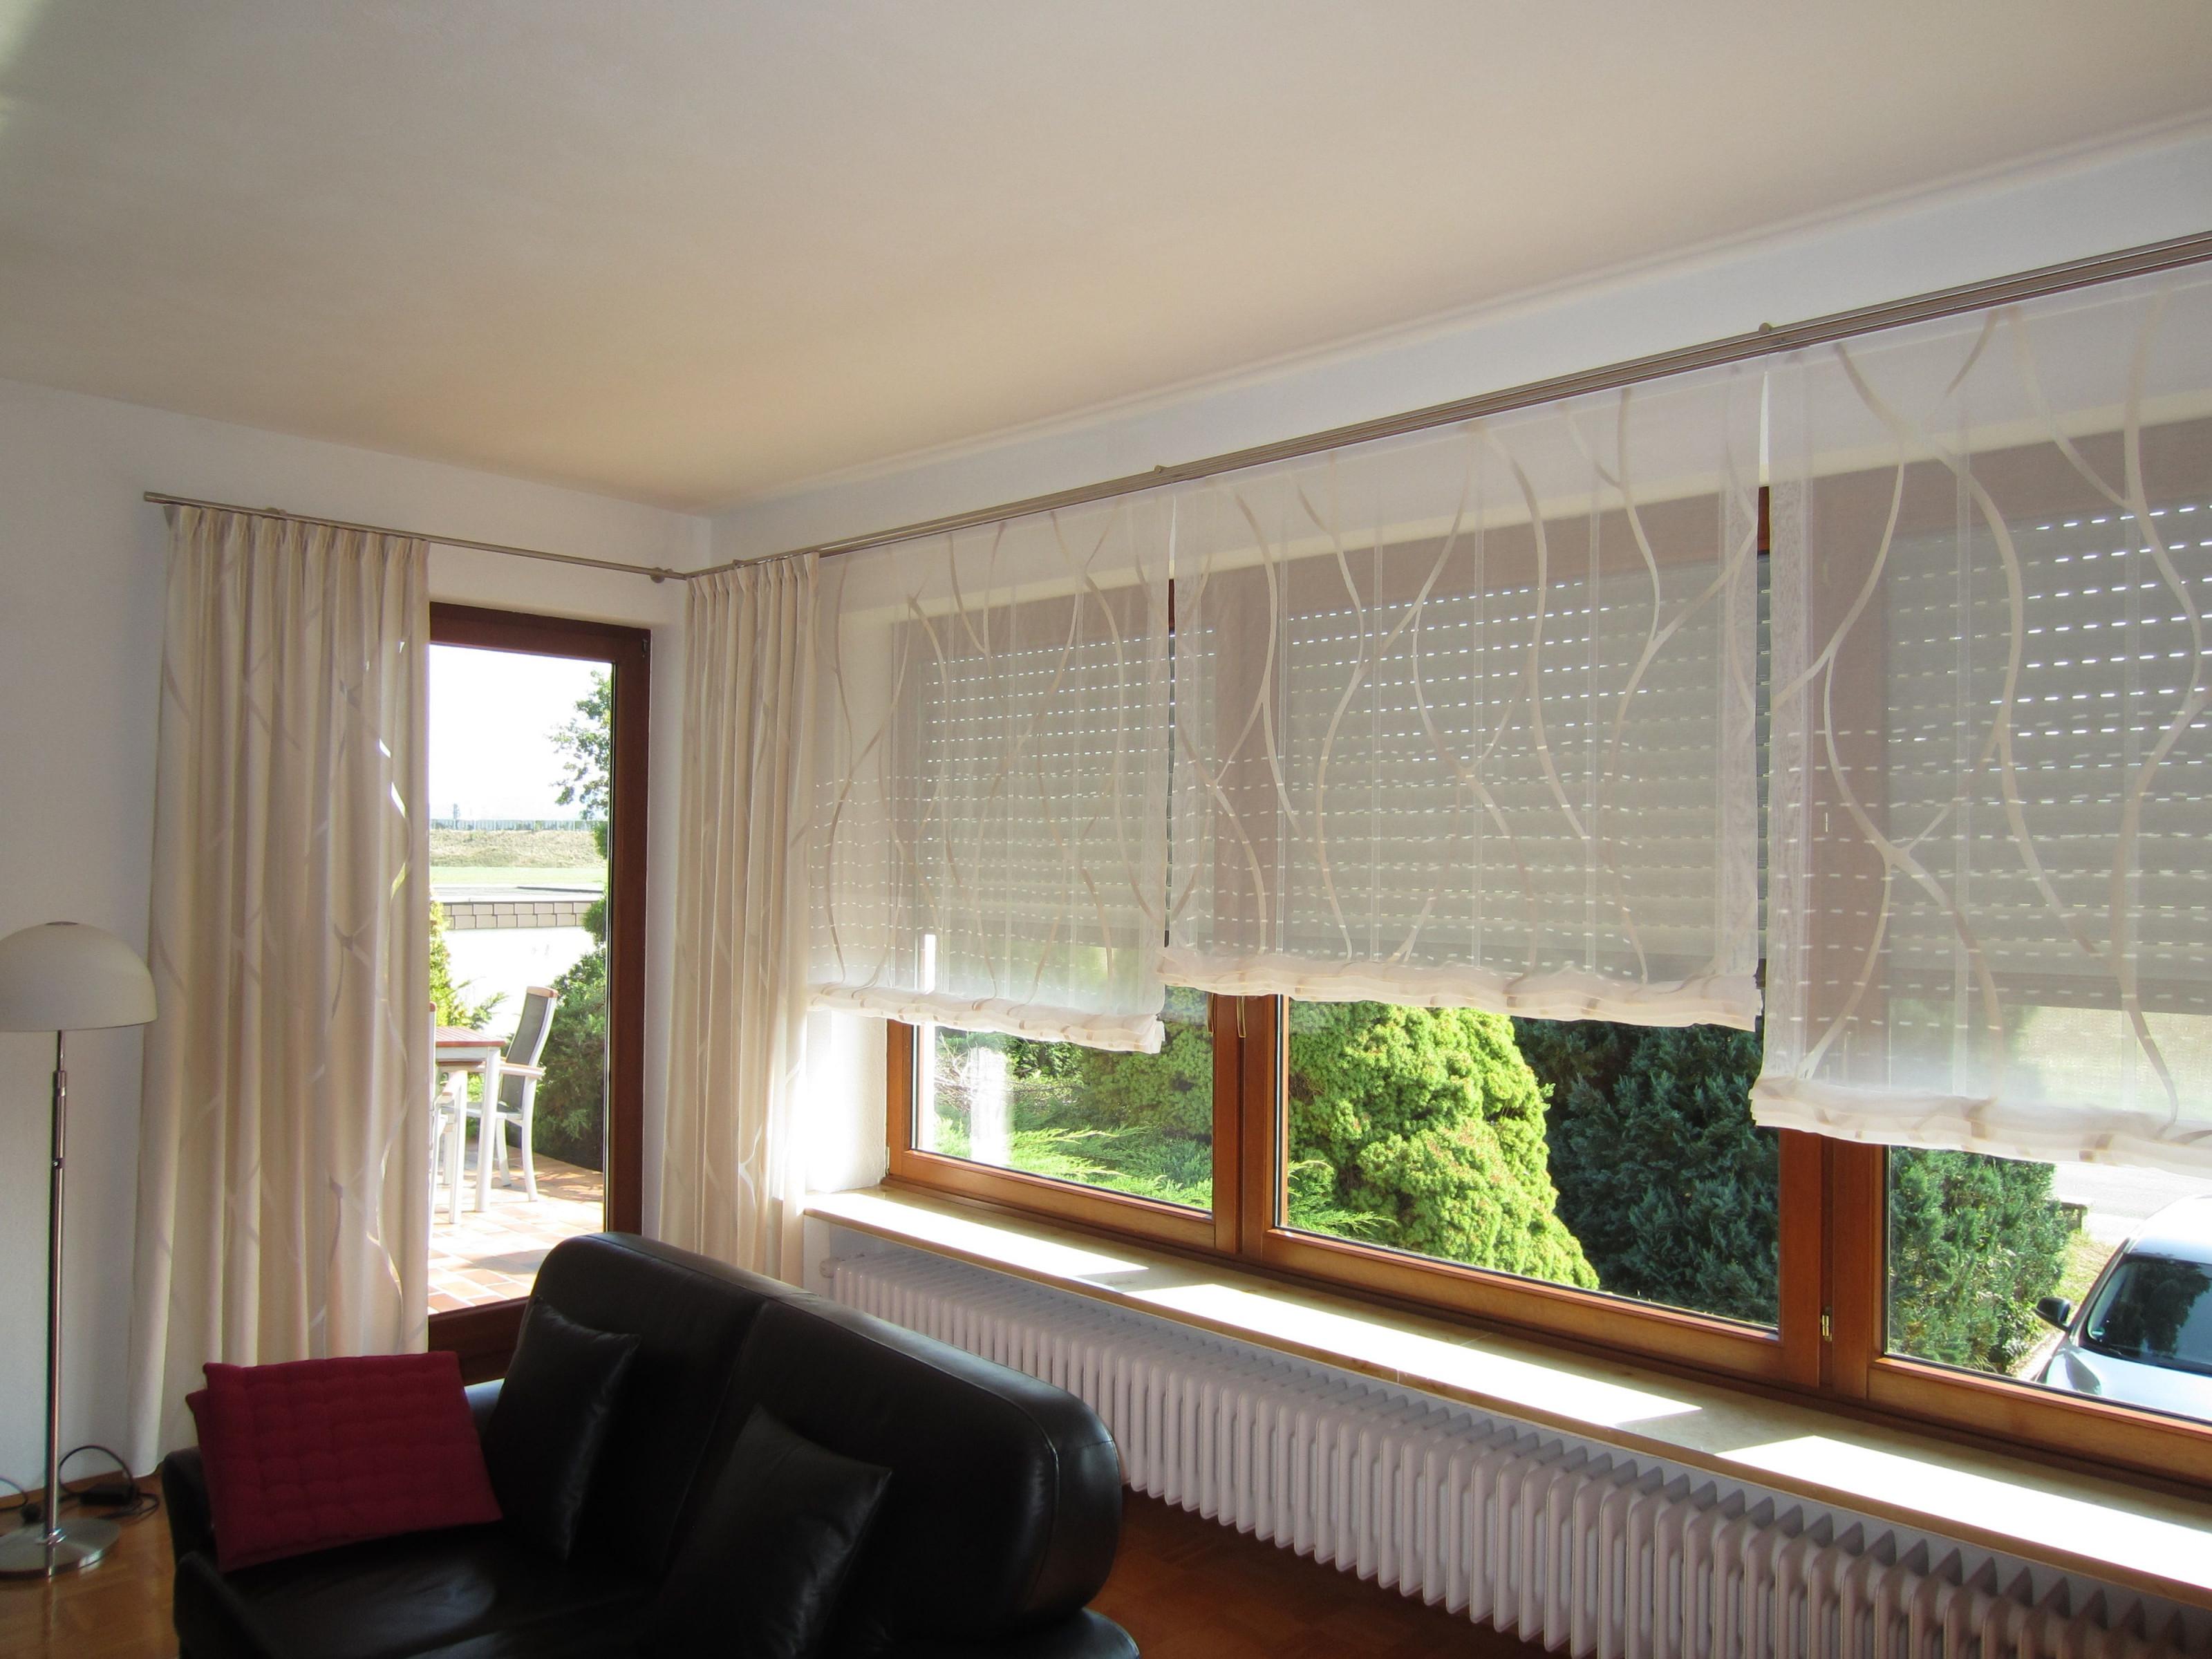 Gardinen  Vorhänge Für Die Kreise Lichtenfels Kulmbach von Gardinen Wohnzimmer Großes Fenster Photo